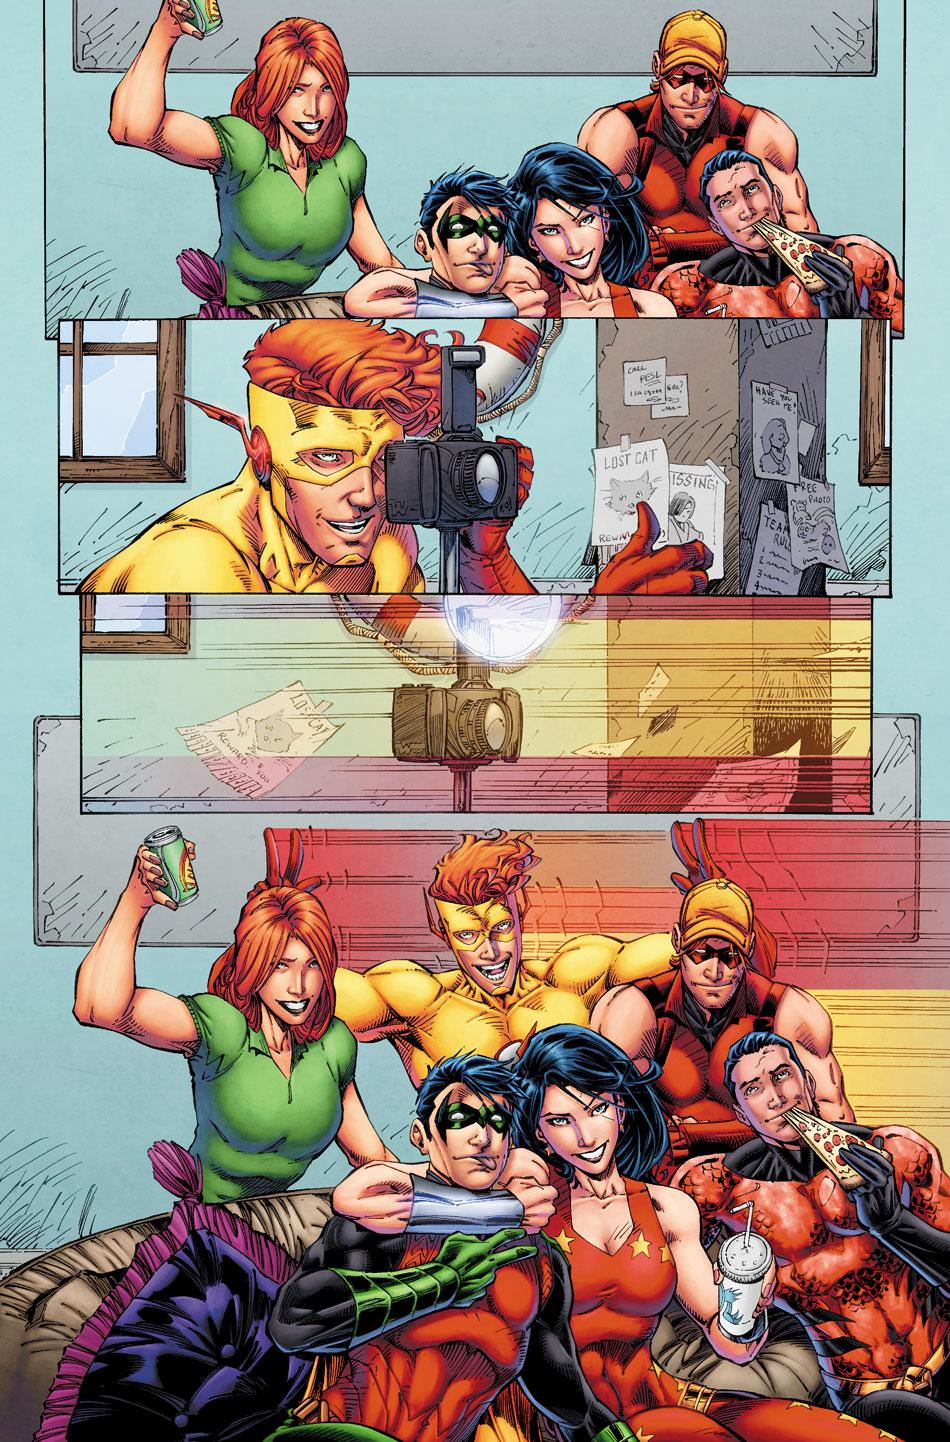 TITANS: REBIRTH #1 page 2